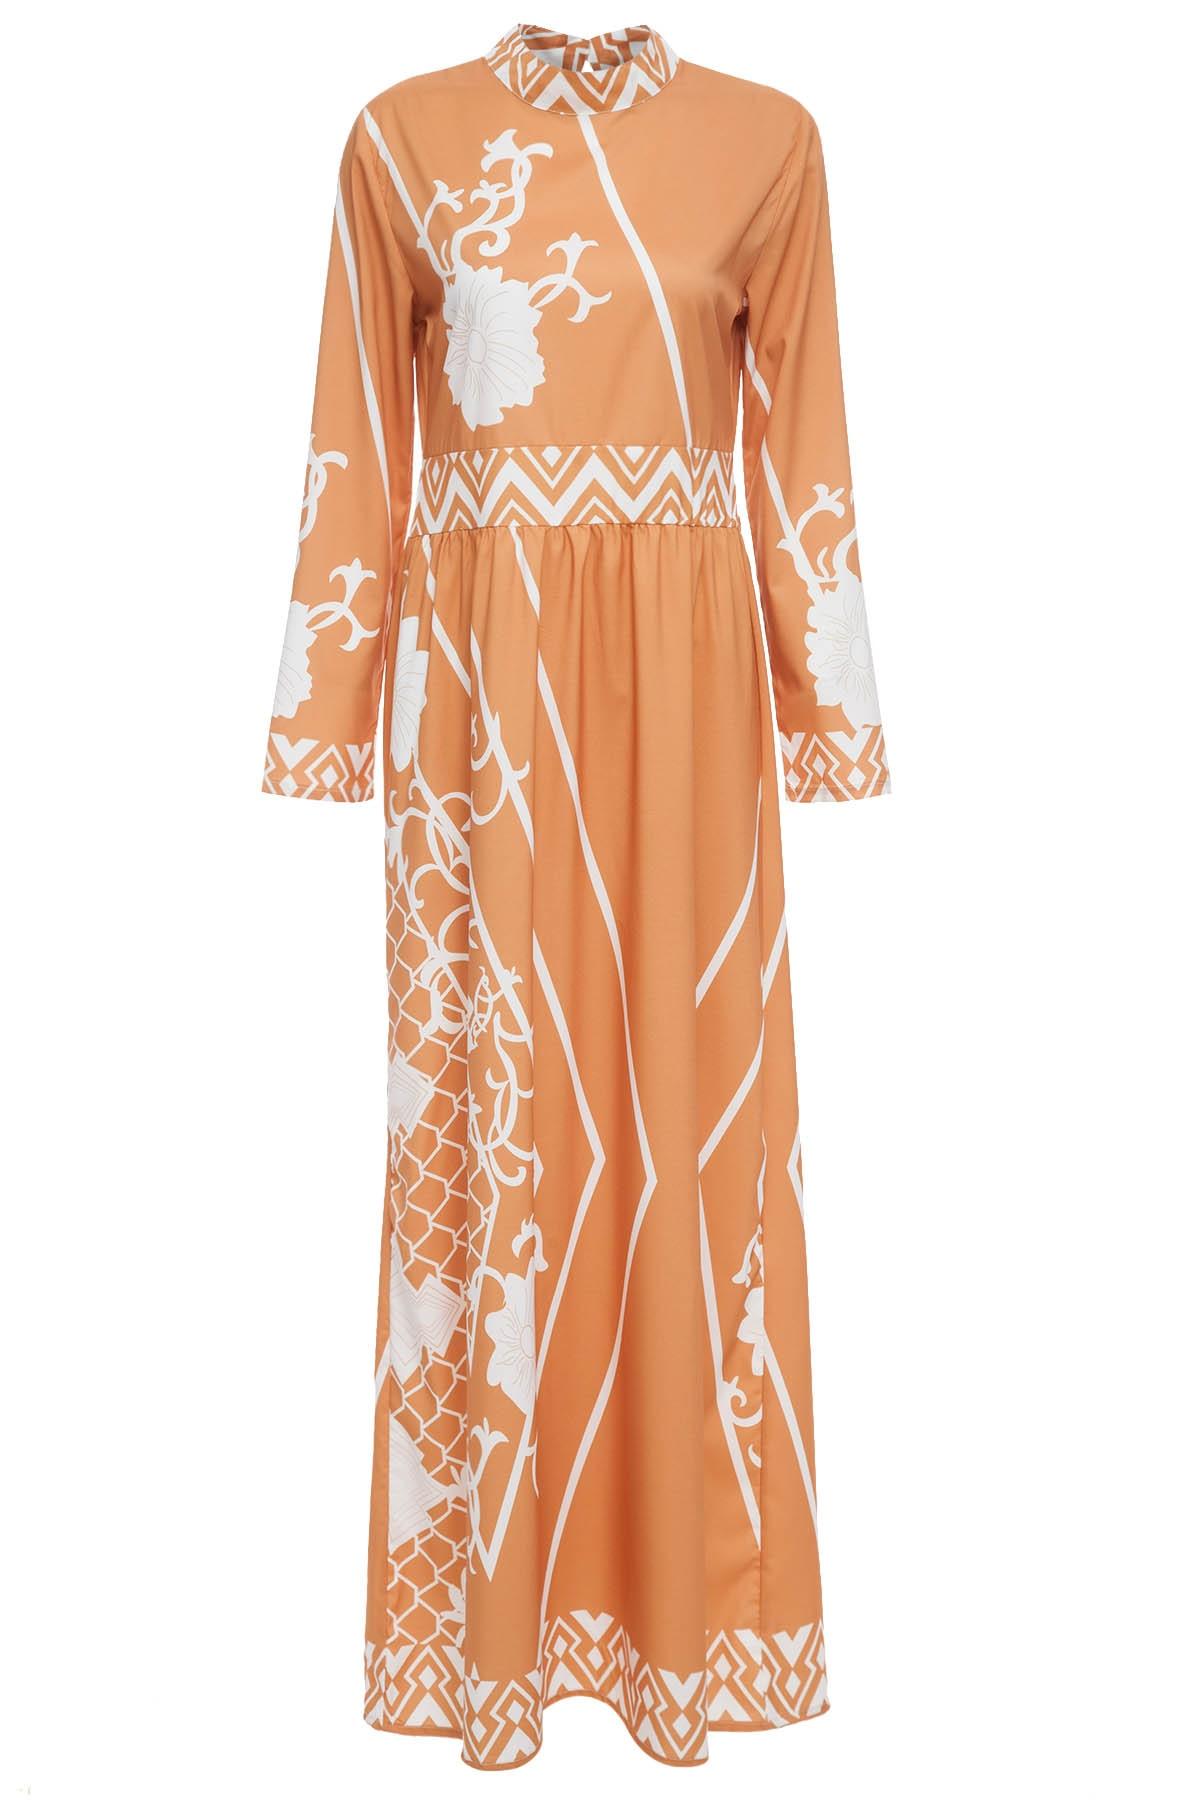 Весенне-осеннее платье макси Для женщин с длинными рукавами в стиле ретро платье Стенд воротник Повседневное легкий цветочный Рисунок Плат...